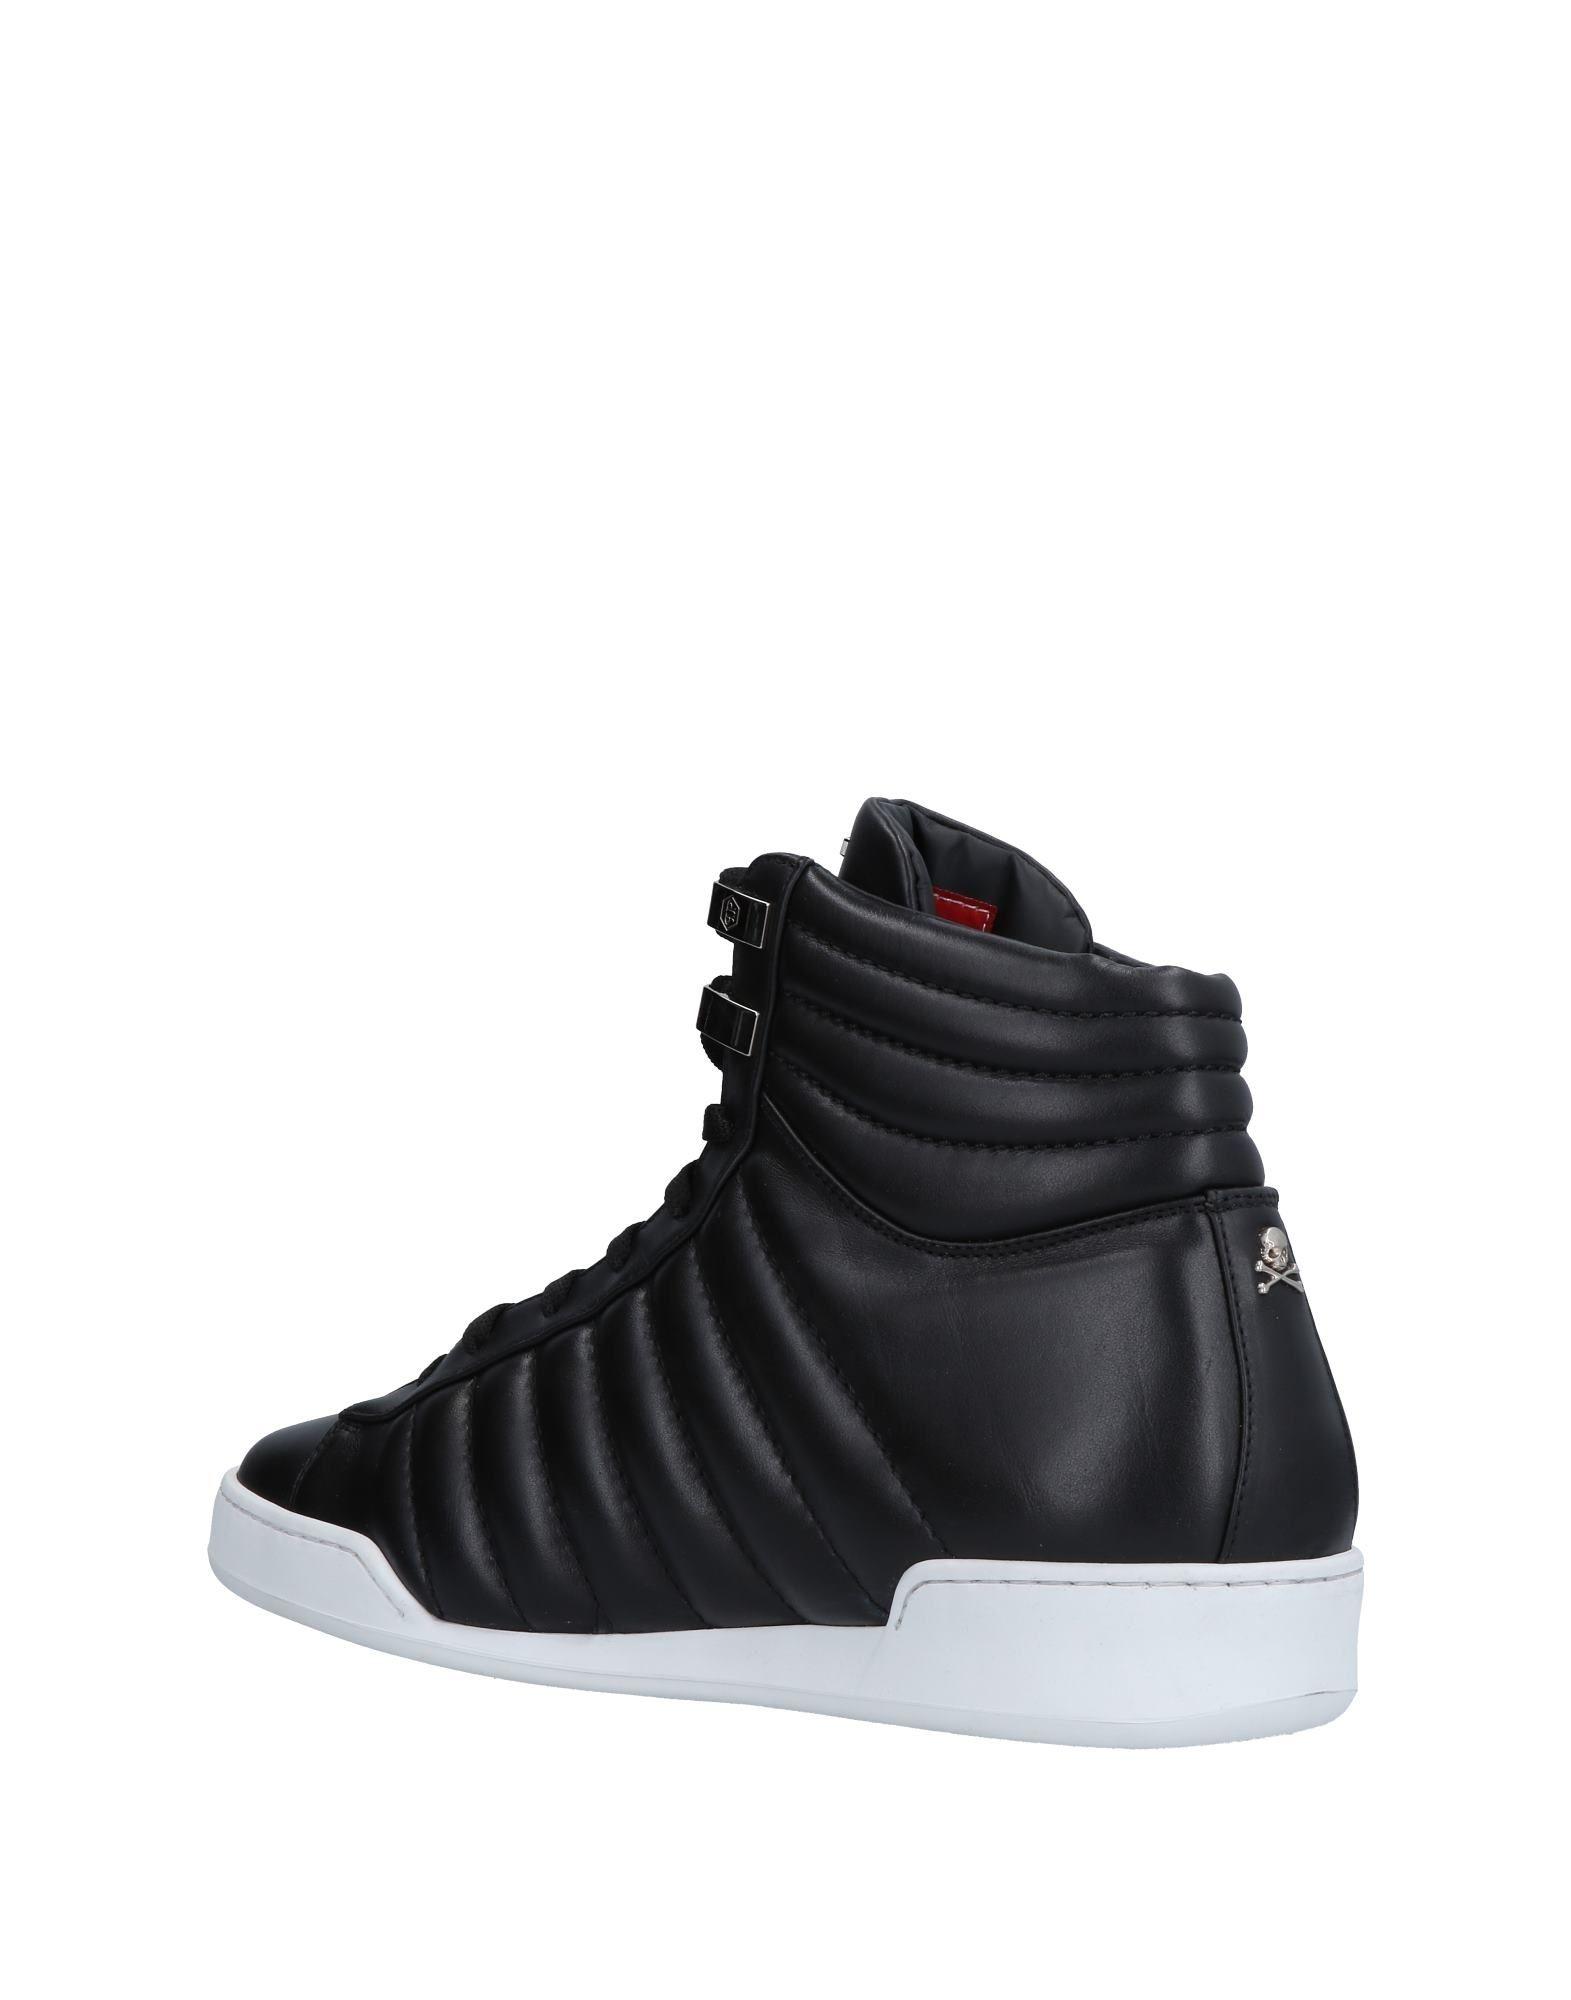 Philipp Plein Sneakers Qualität Herren  11505282LL Gute Qualität Sneakers beliebte Schuhe c790bd